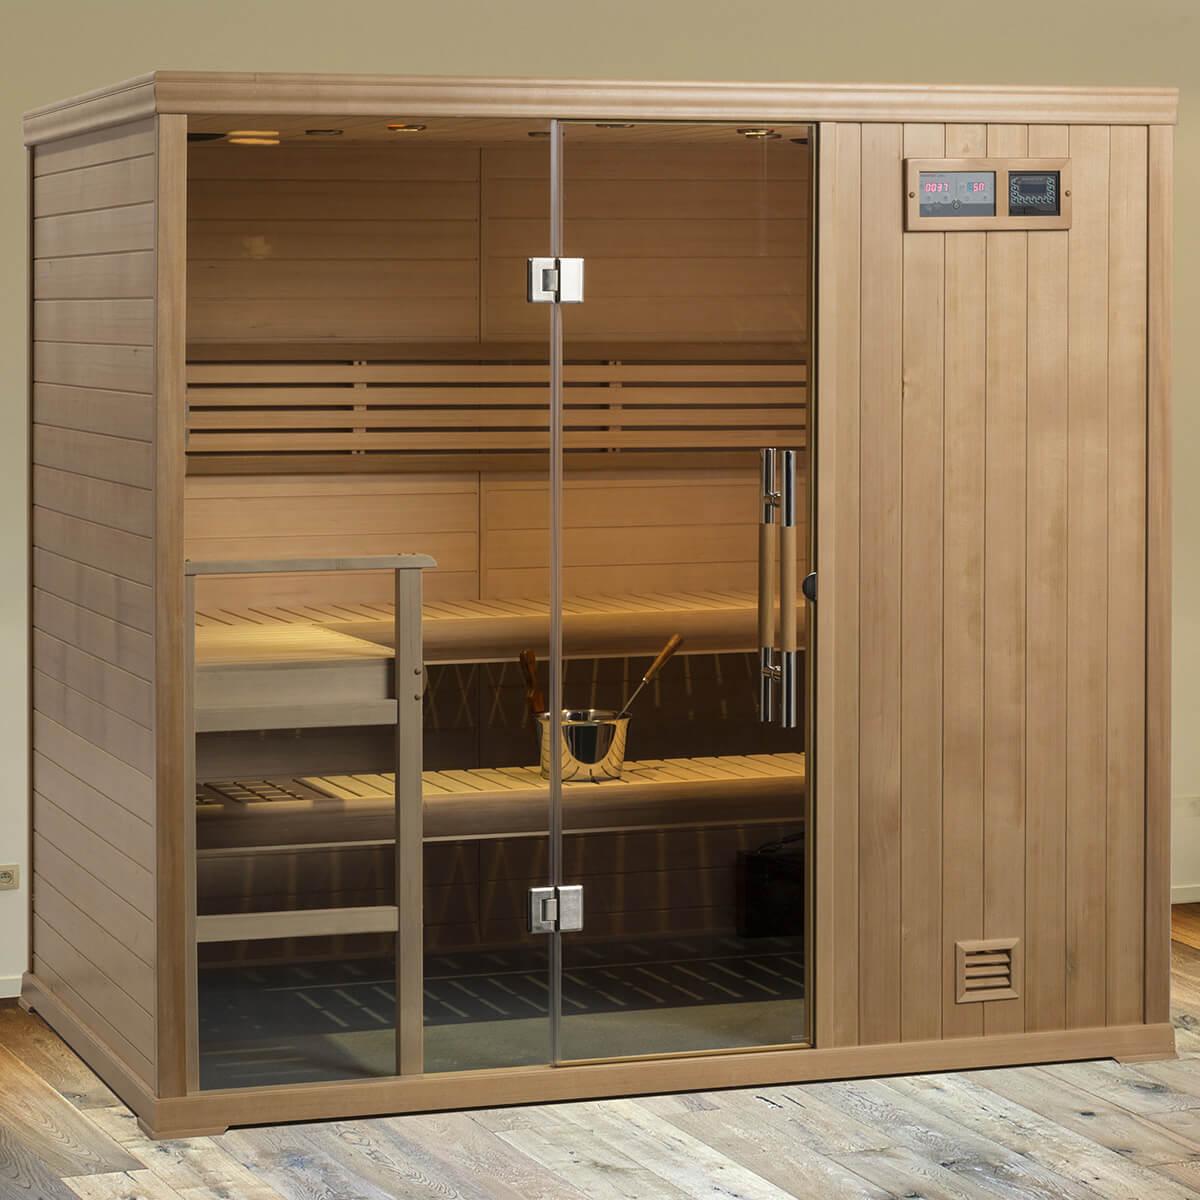 Finnleo® Hallmark Sauna Product Image